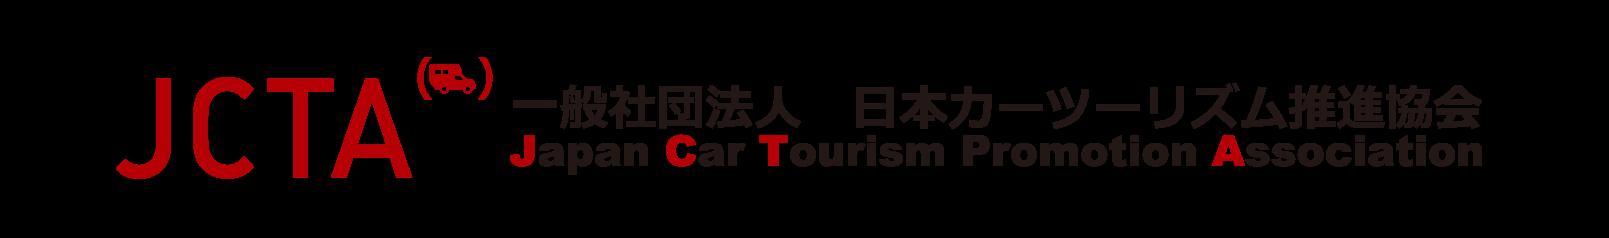 一般社団法人日本カーツーリズム推進協会-JCTA